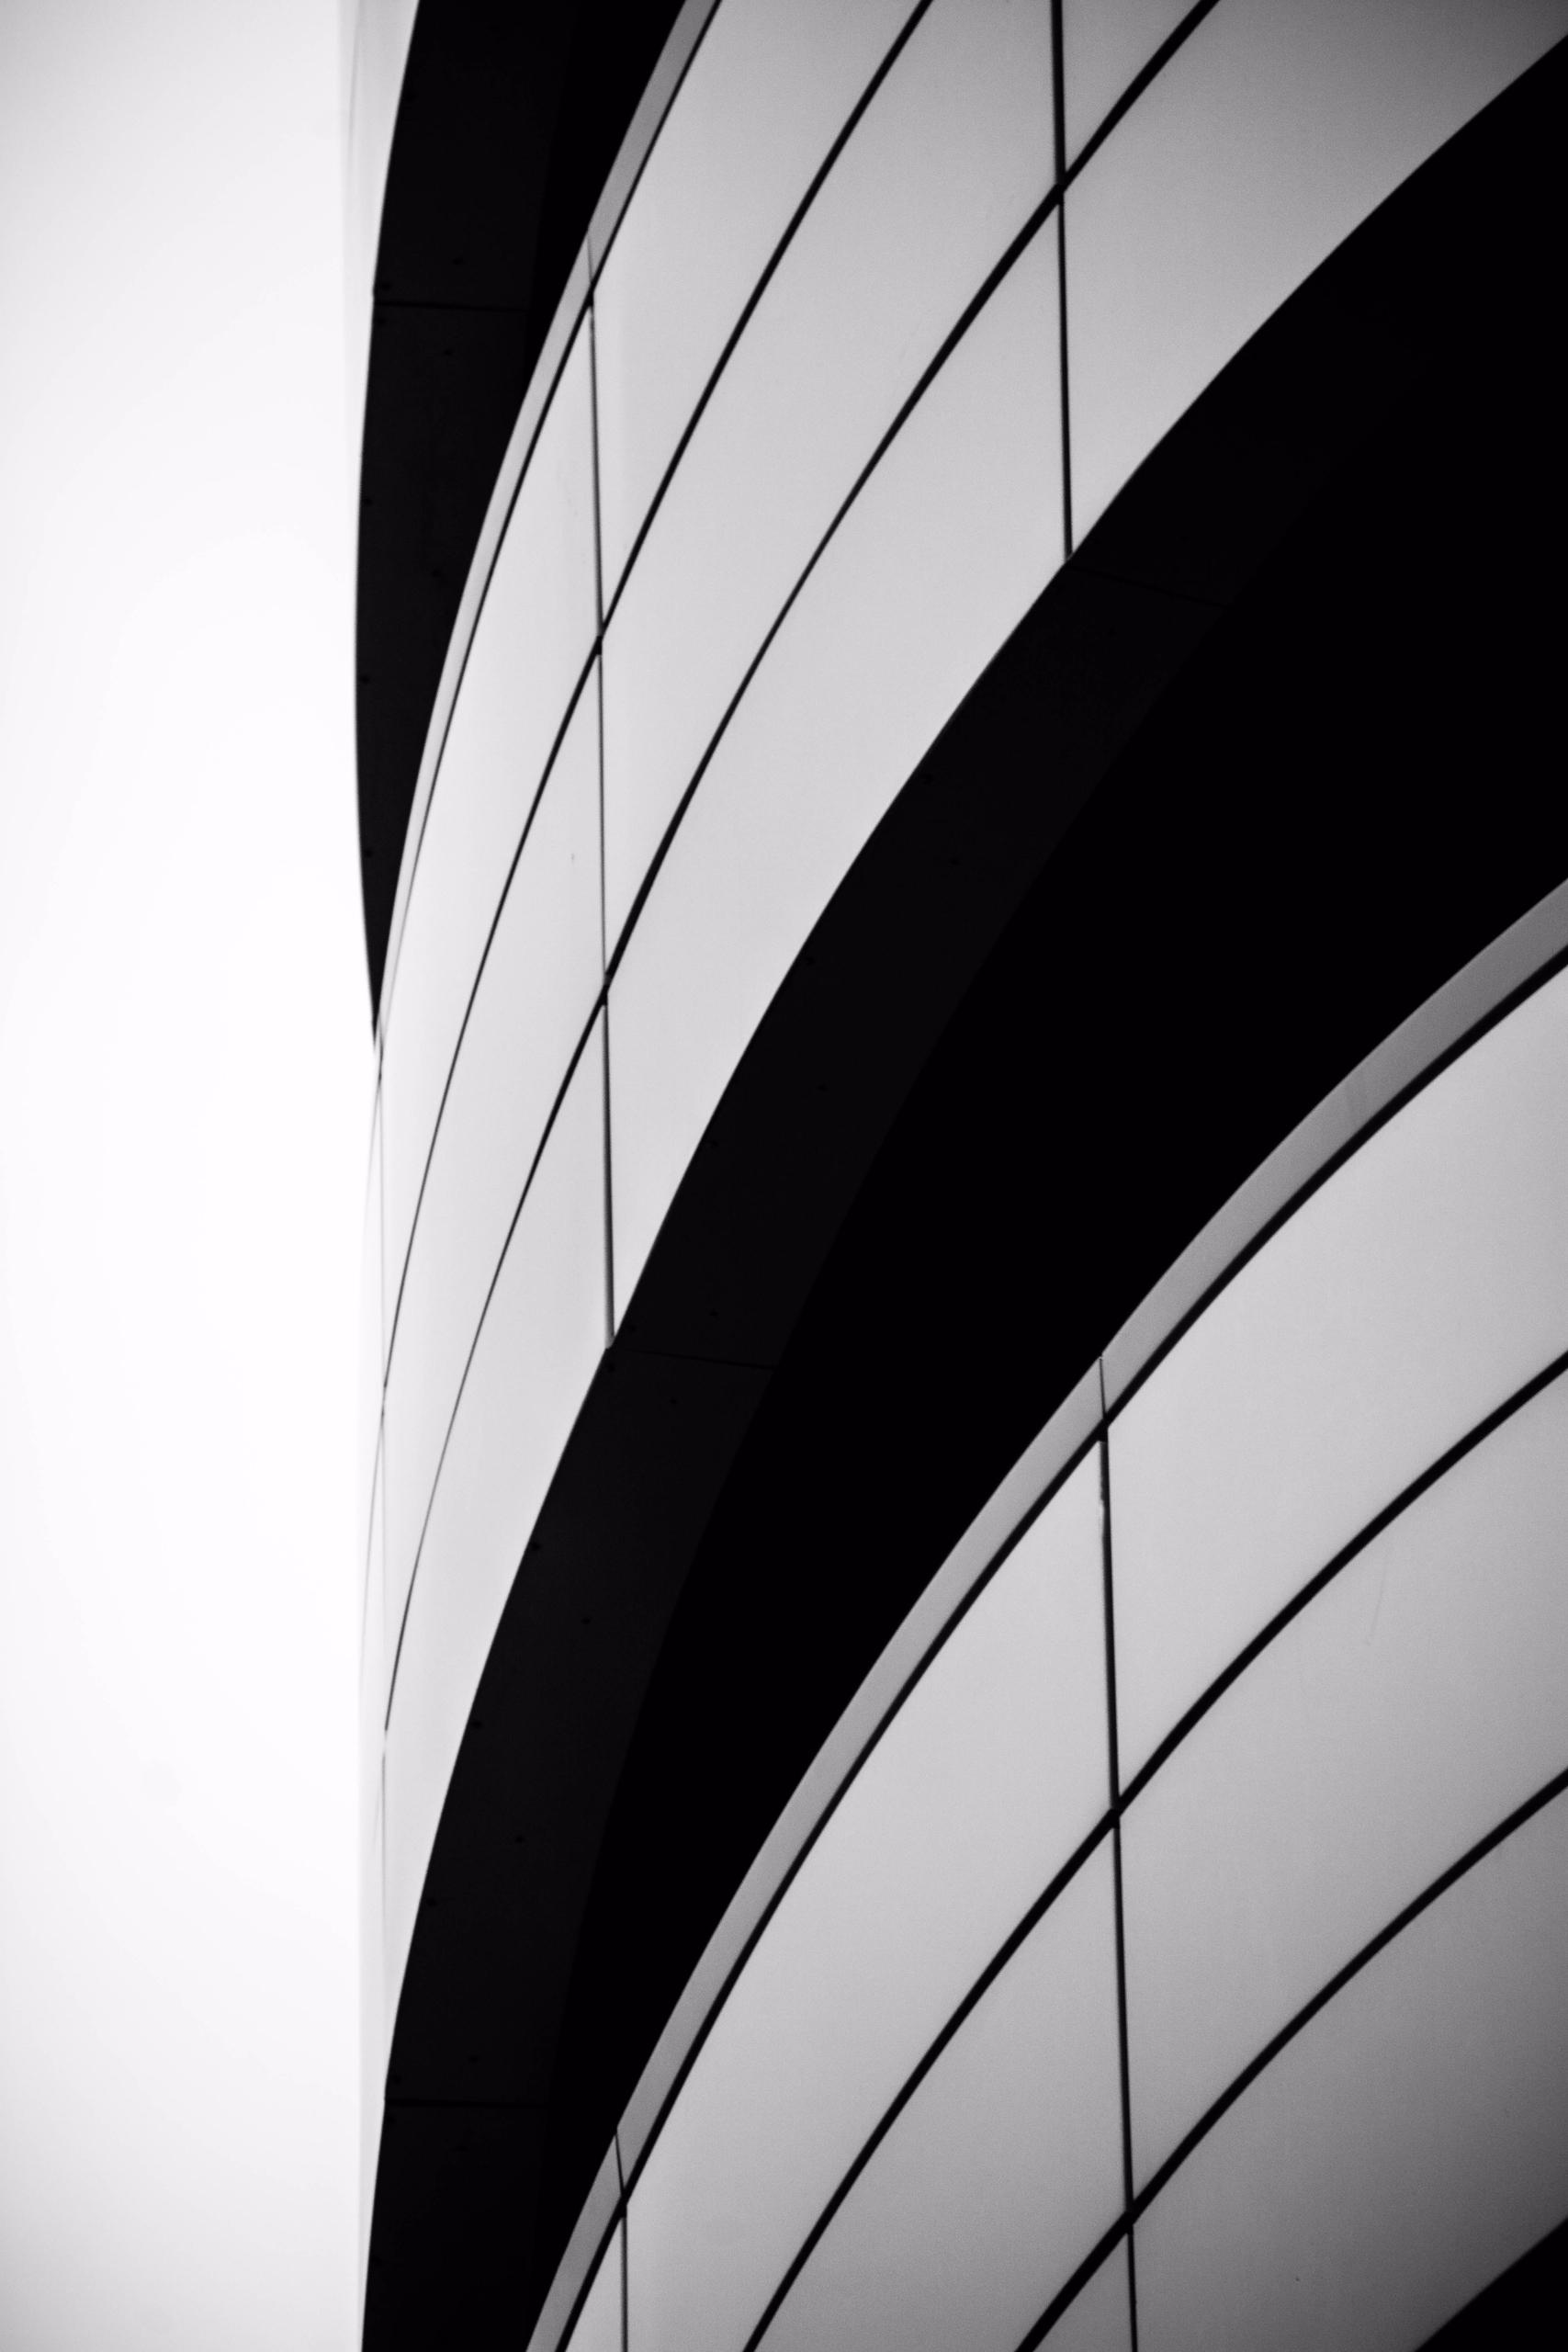 Facade | Cutty Sark - Greenwich - fabianodu | ello